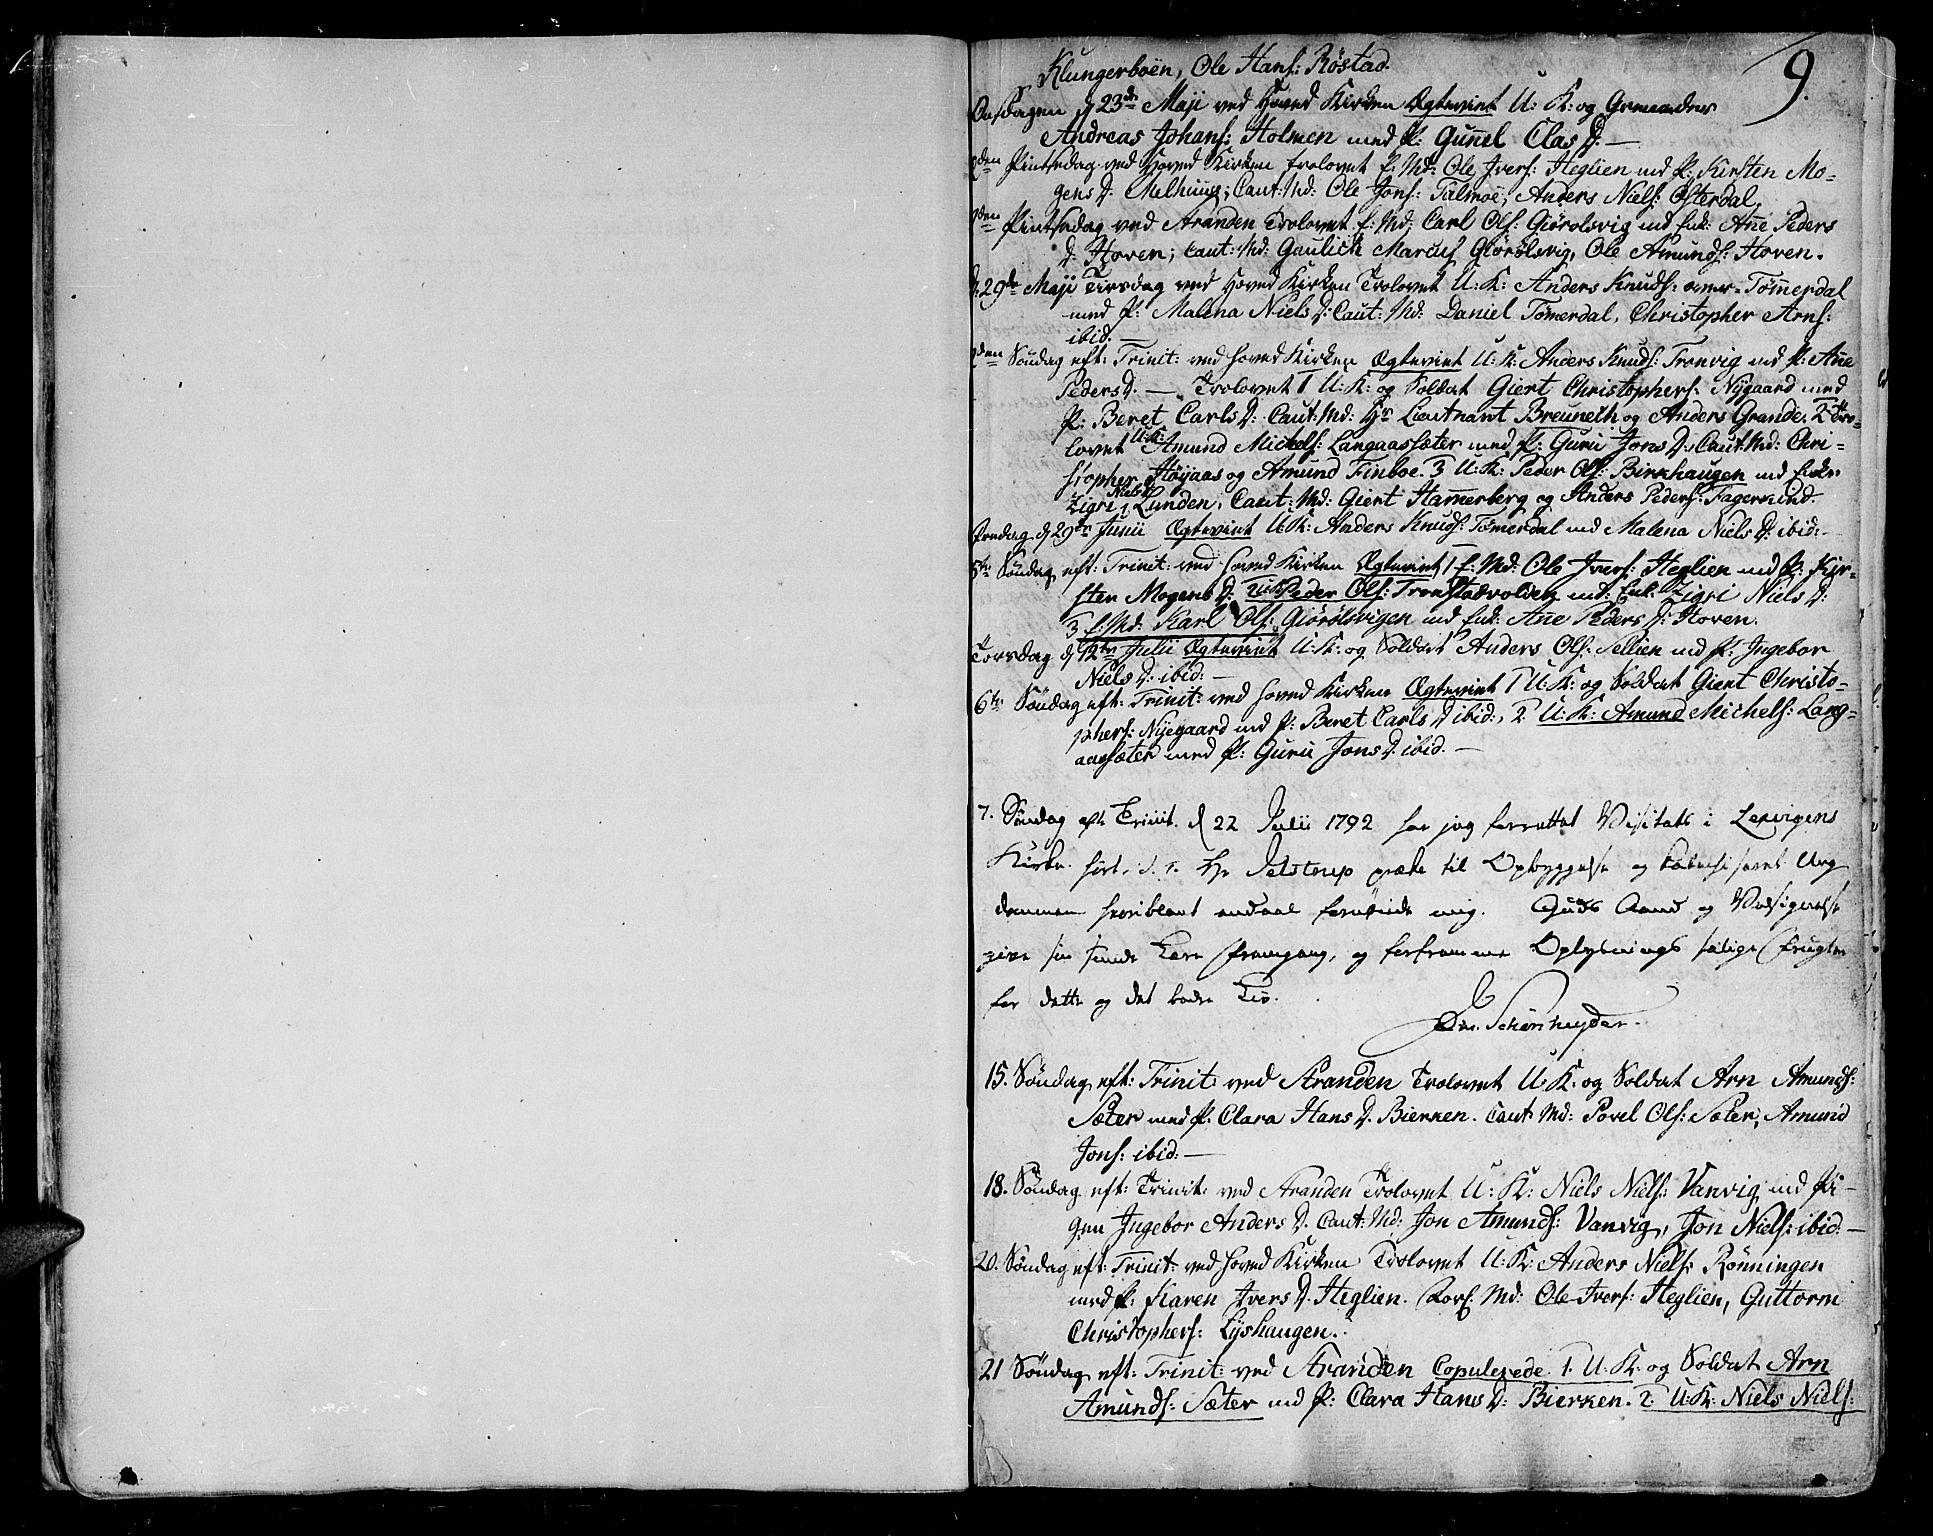 SAT, Ministerialprotokoller, klokkerbøker og fødselsregistre - Nord-Trøndelag, 701/L0004: Ministerialbok nr. 701A04, 1783-1816, s. 9